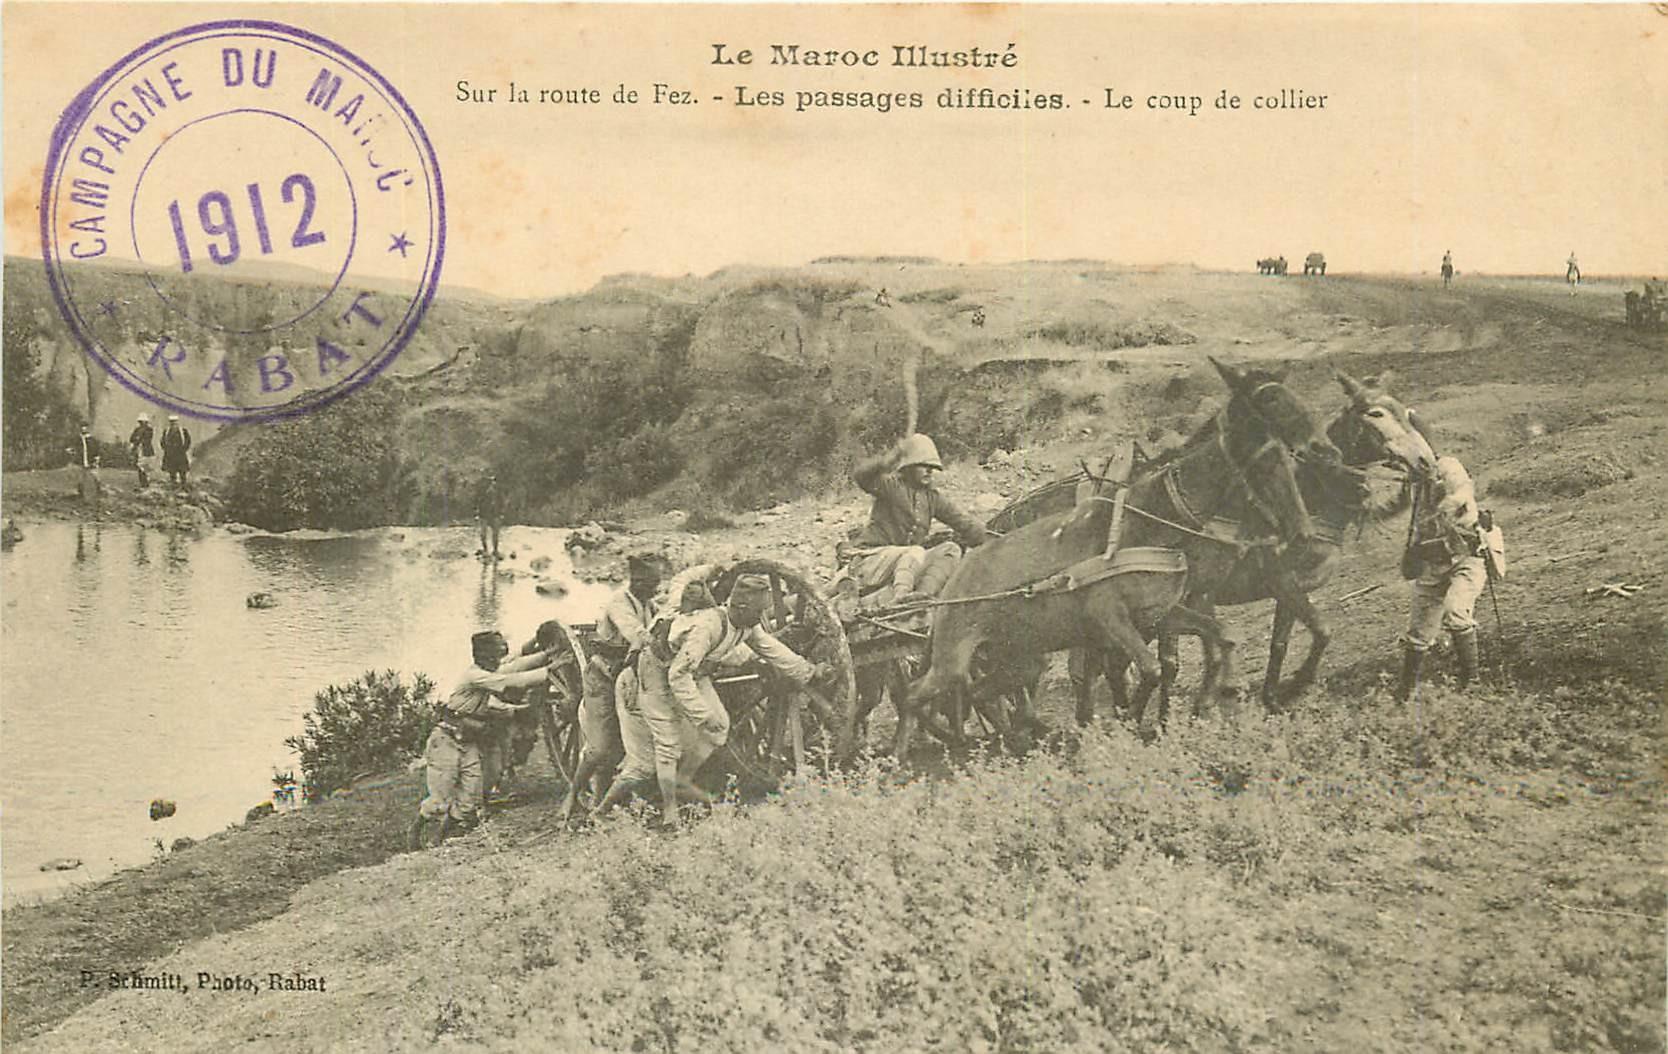 WW CAMPAGNE DU MAROC 1912. Le coup du collier sur les passages difficiles